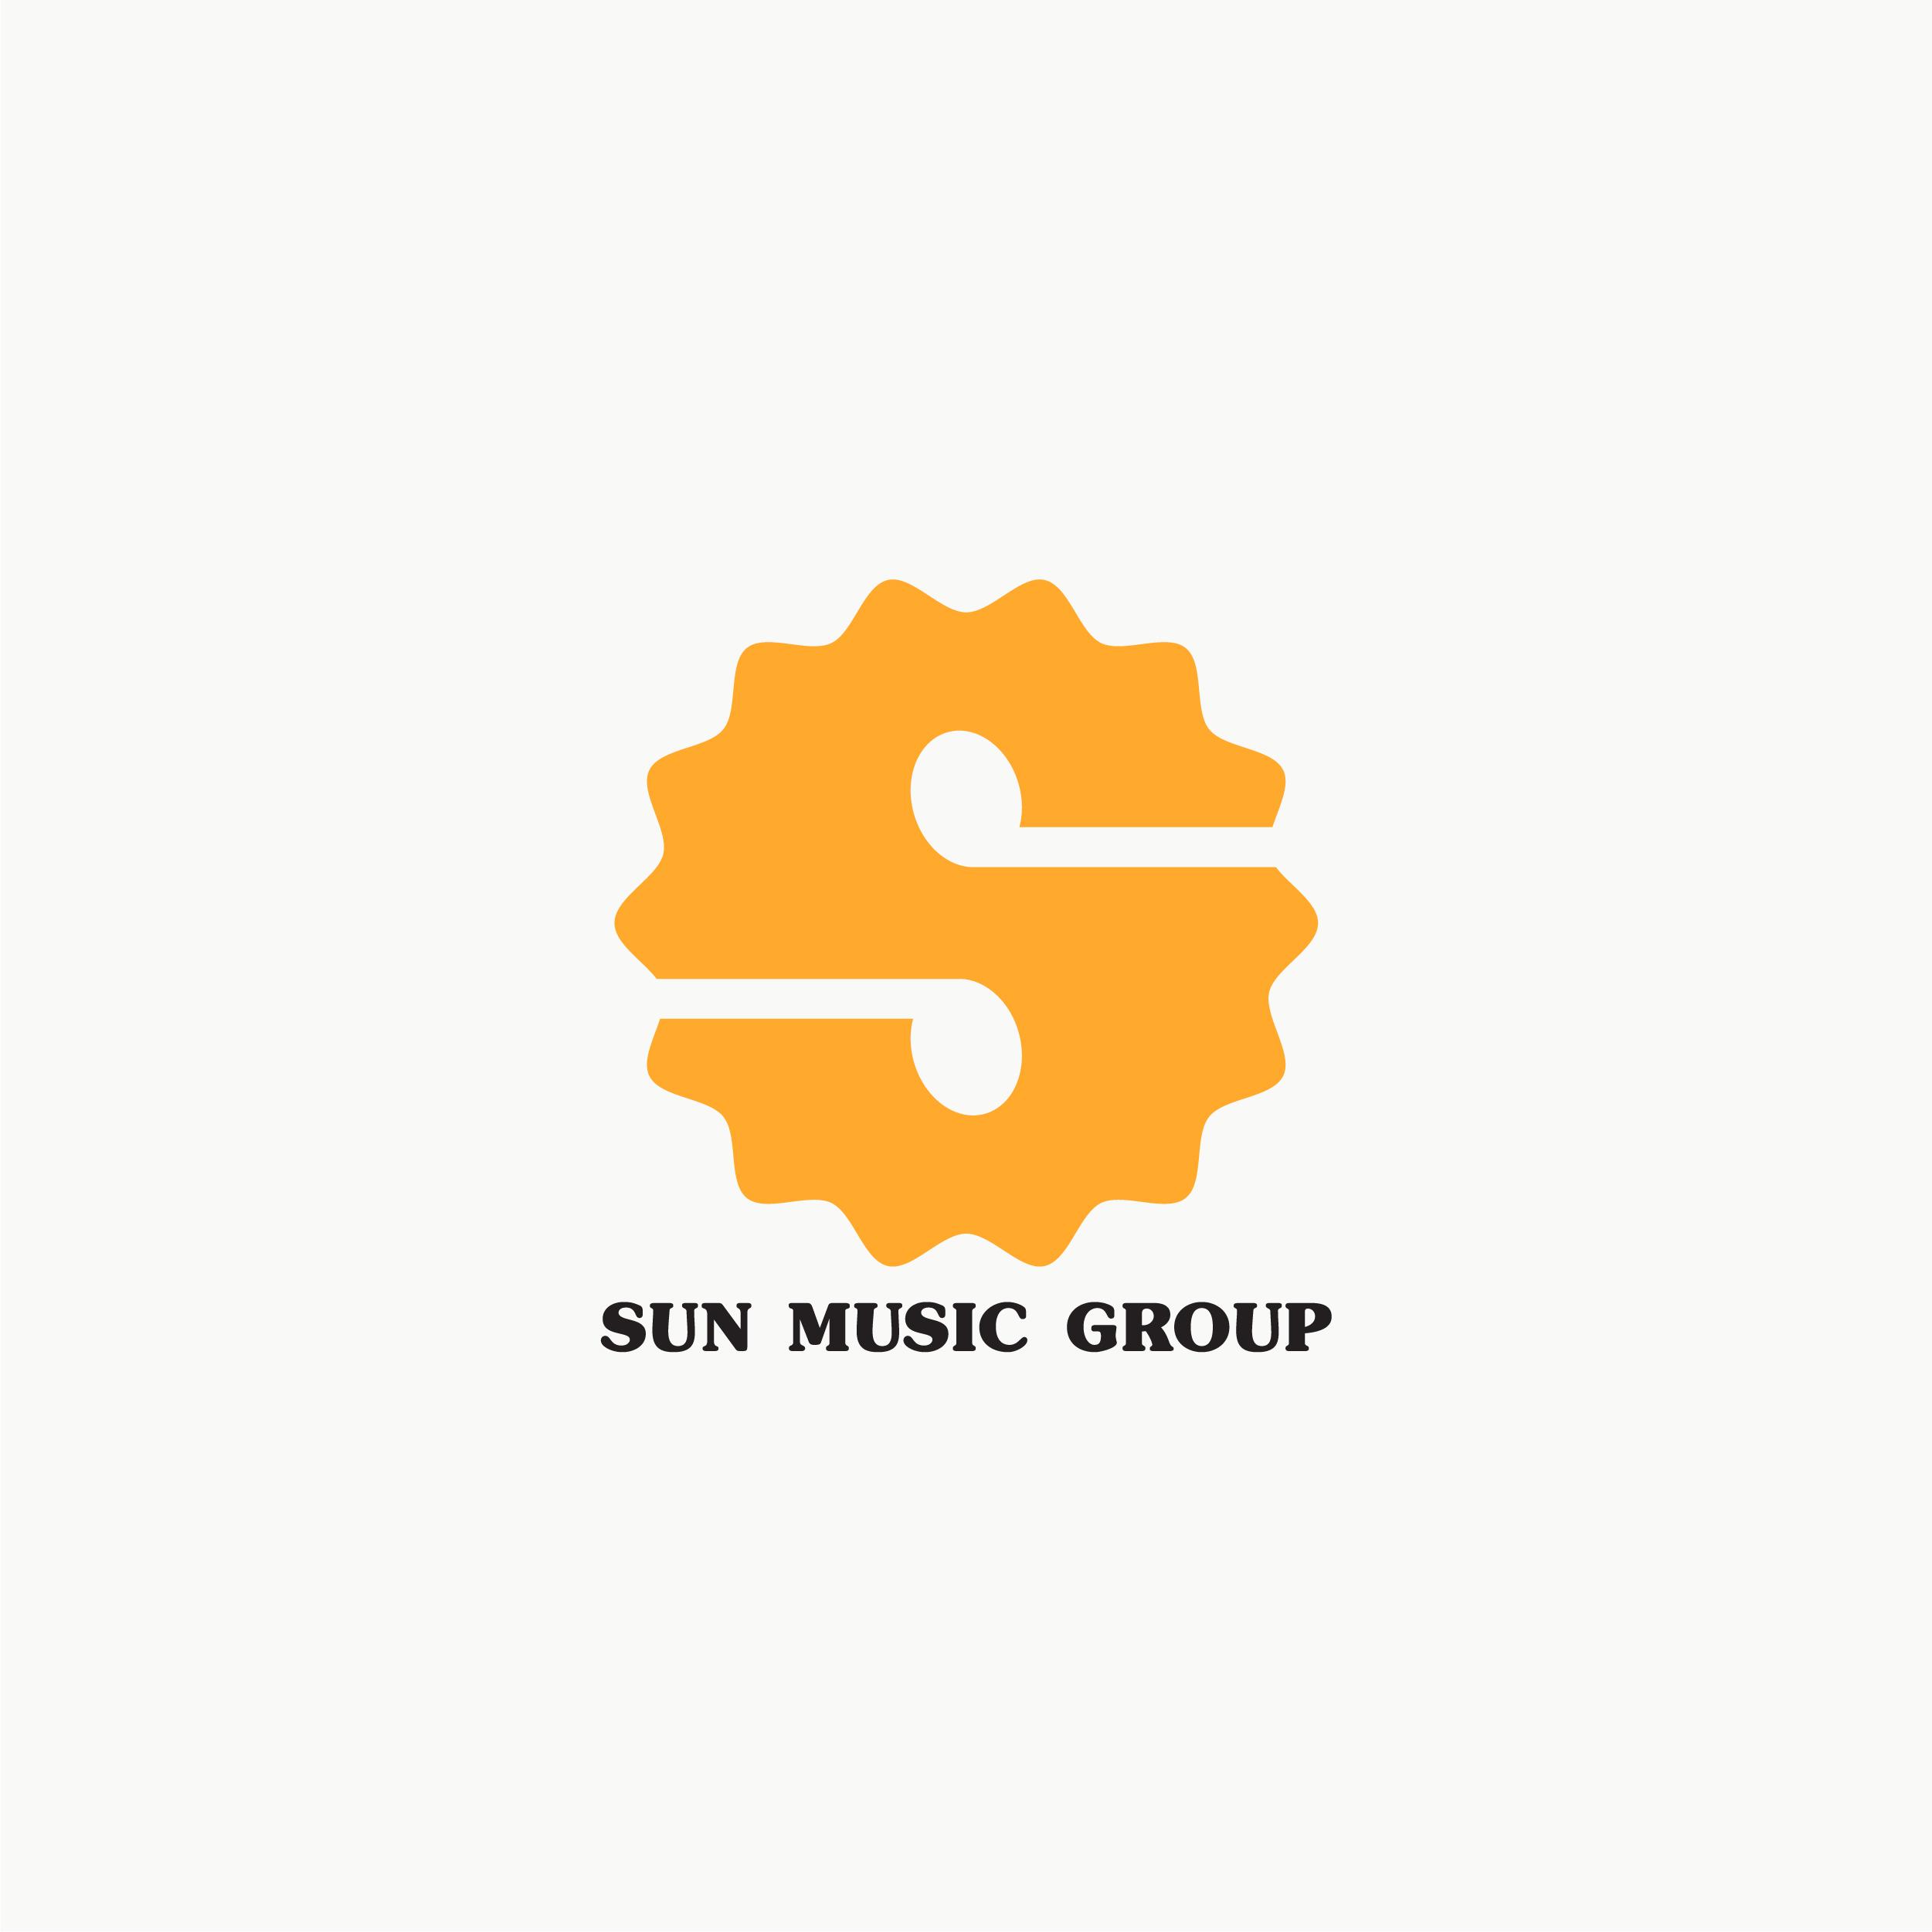 TBS_LogosMarks_SunMusicGroup